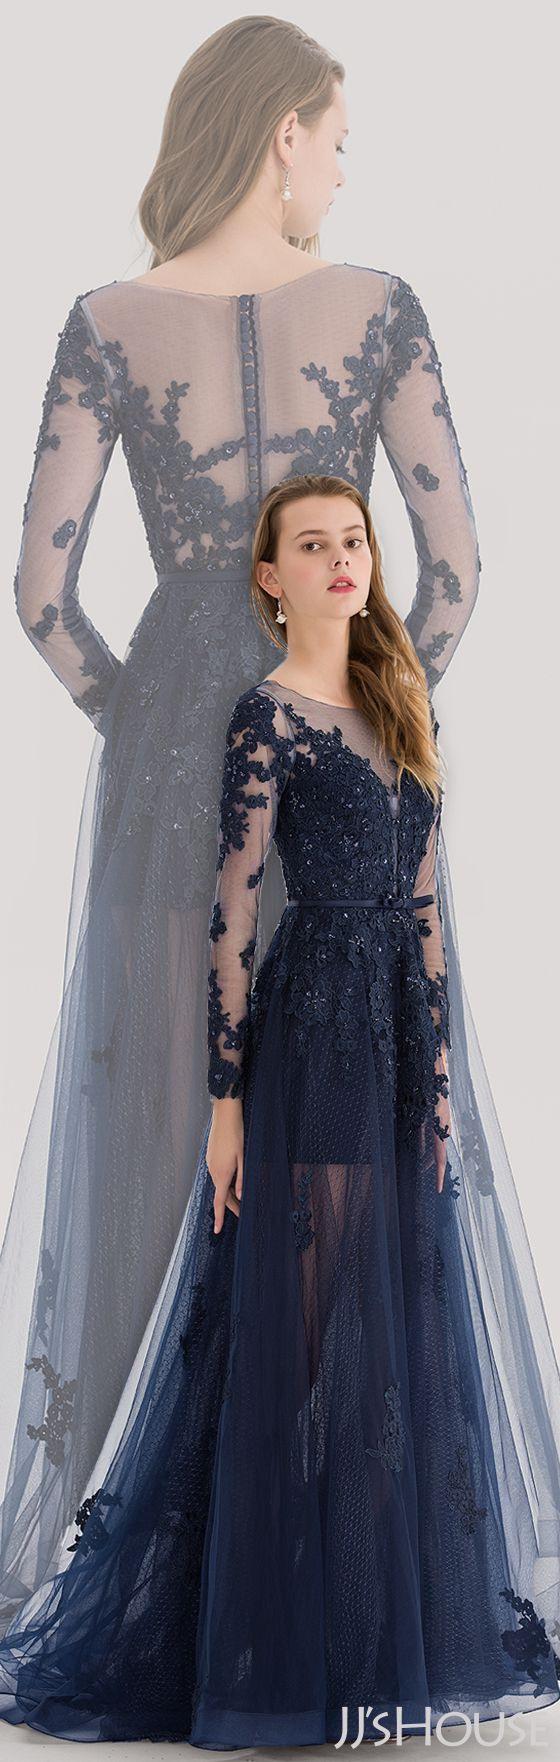 15 Luxus Maxi Abend Kleid Ärmel13 Schön Maxi Abend Kleid Galerie